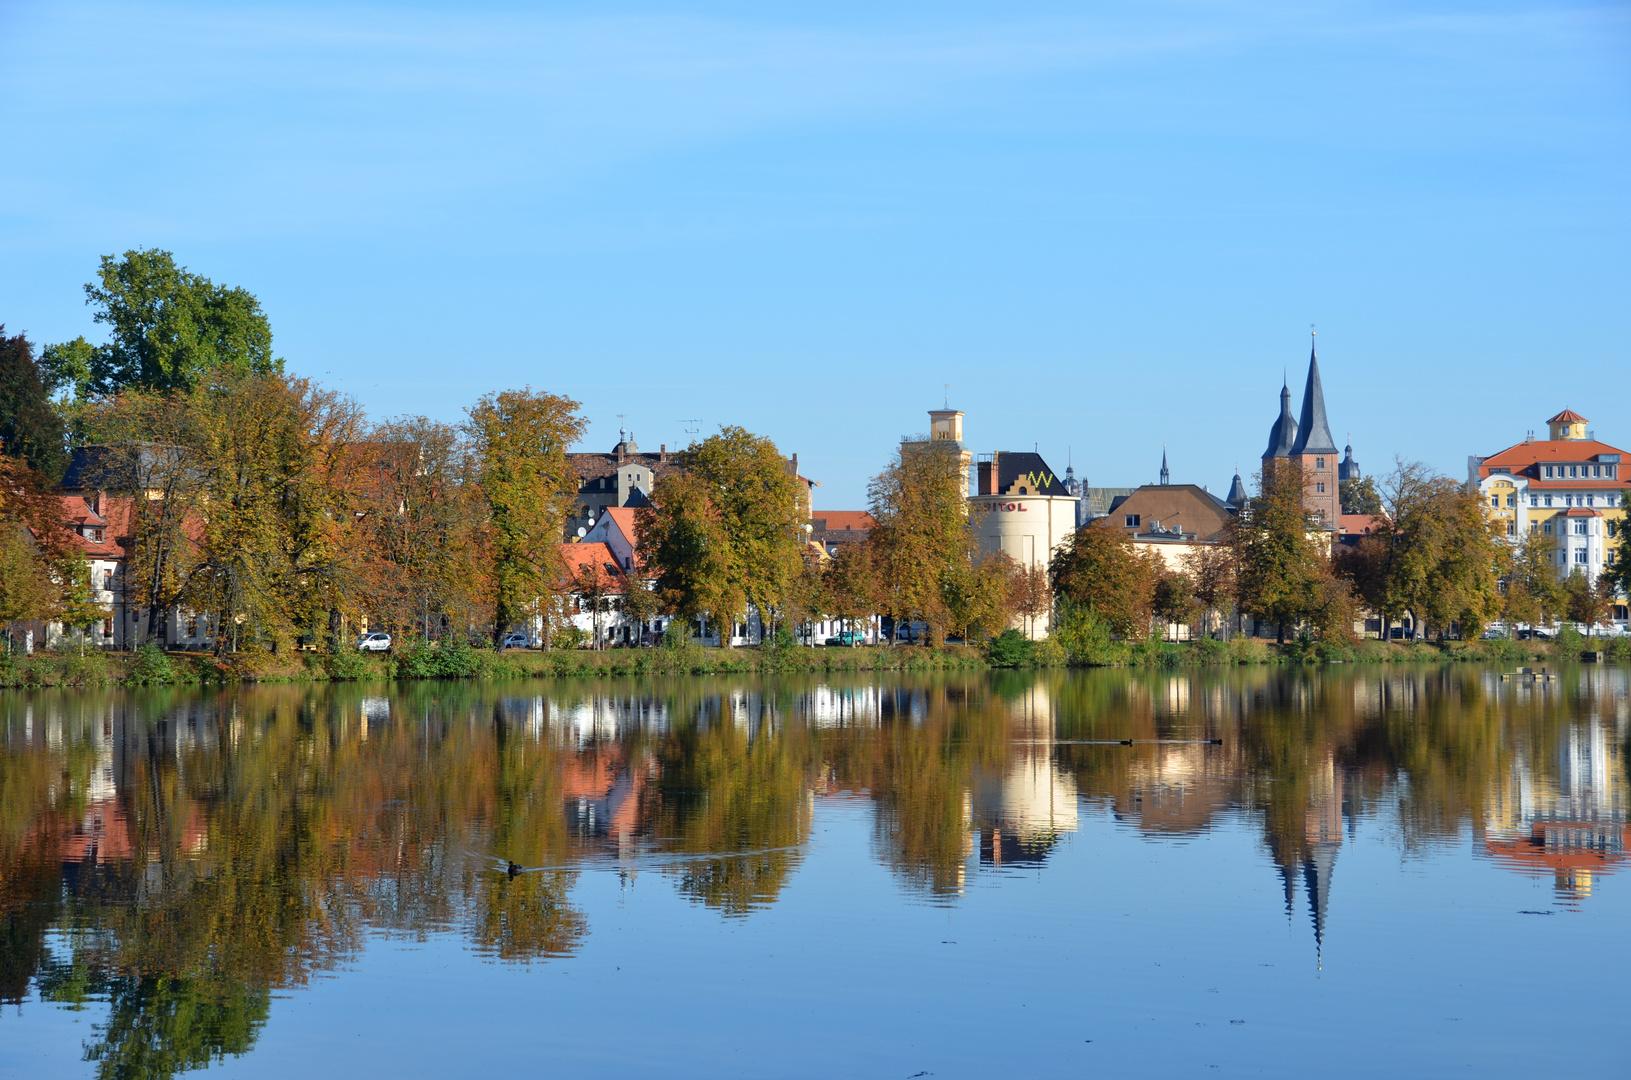 Altenburg / Thür., Blick über den Großen Teich